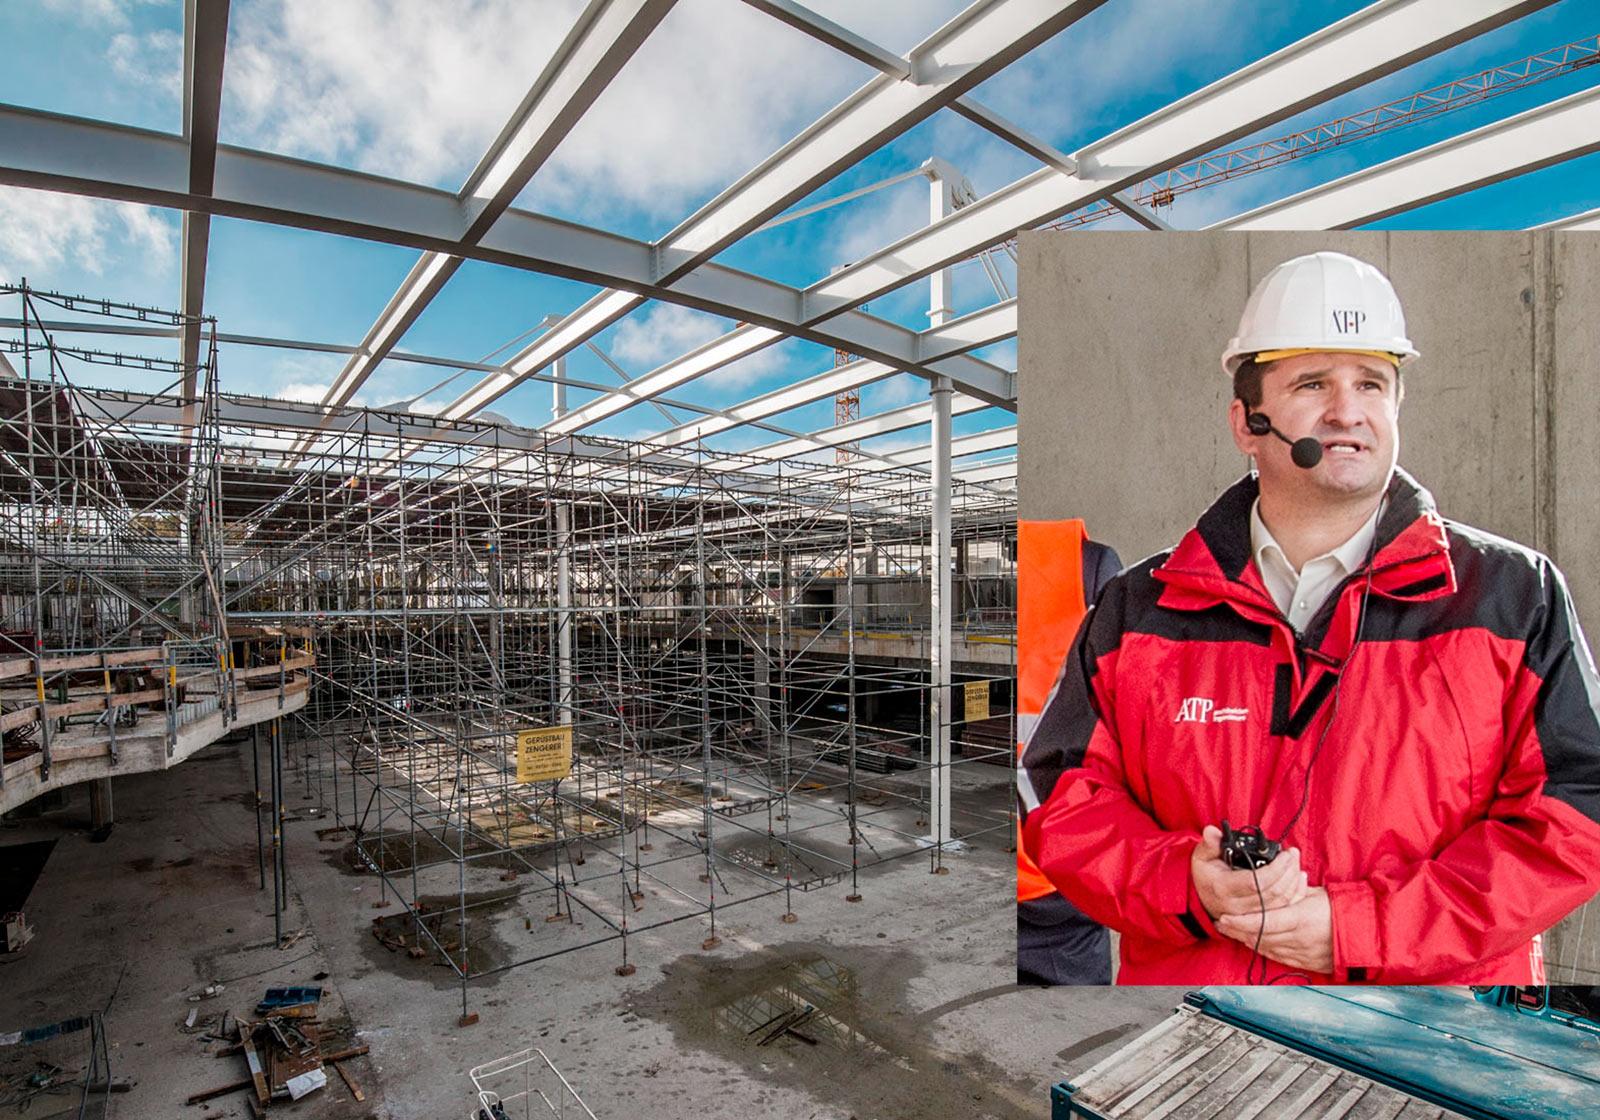 Каркас здания готов, скоро начнется внутренняя отделка. Открытие центра запланировано на август 2015 года. Контроль за ходом работ: Томас Раутенберг. Фотоколлаж: ATP/SES